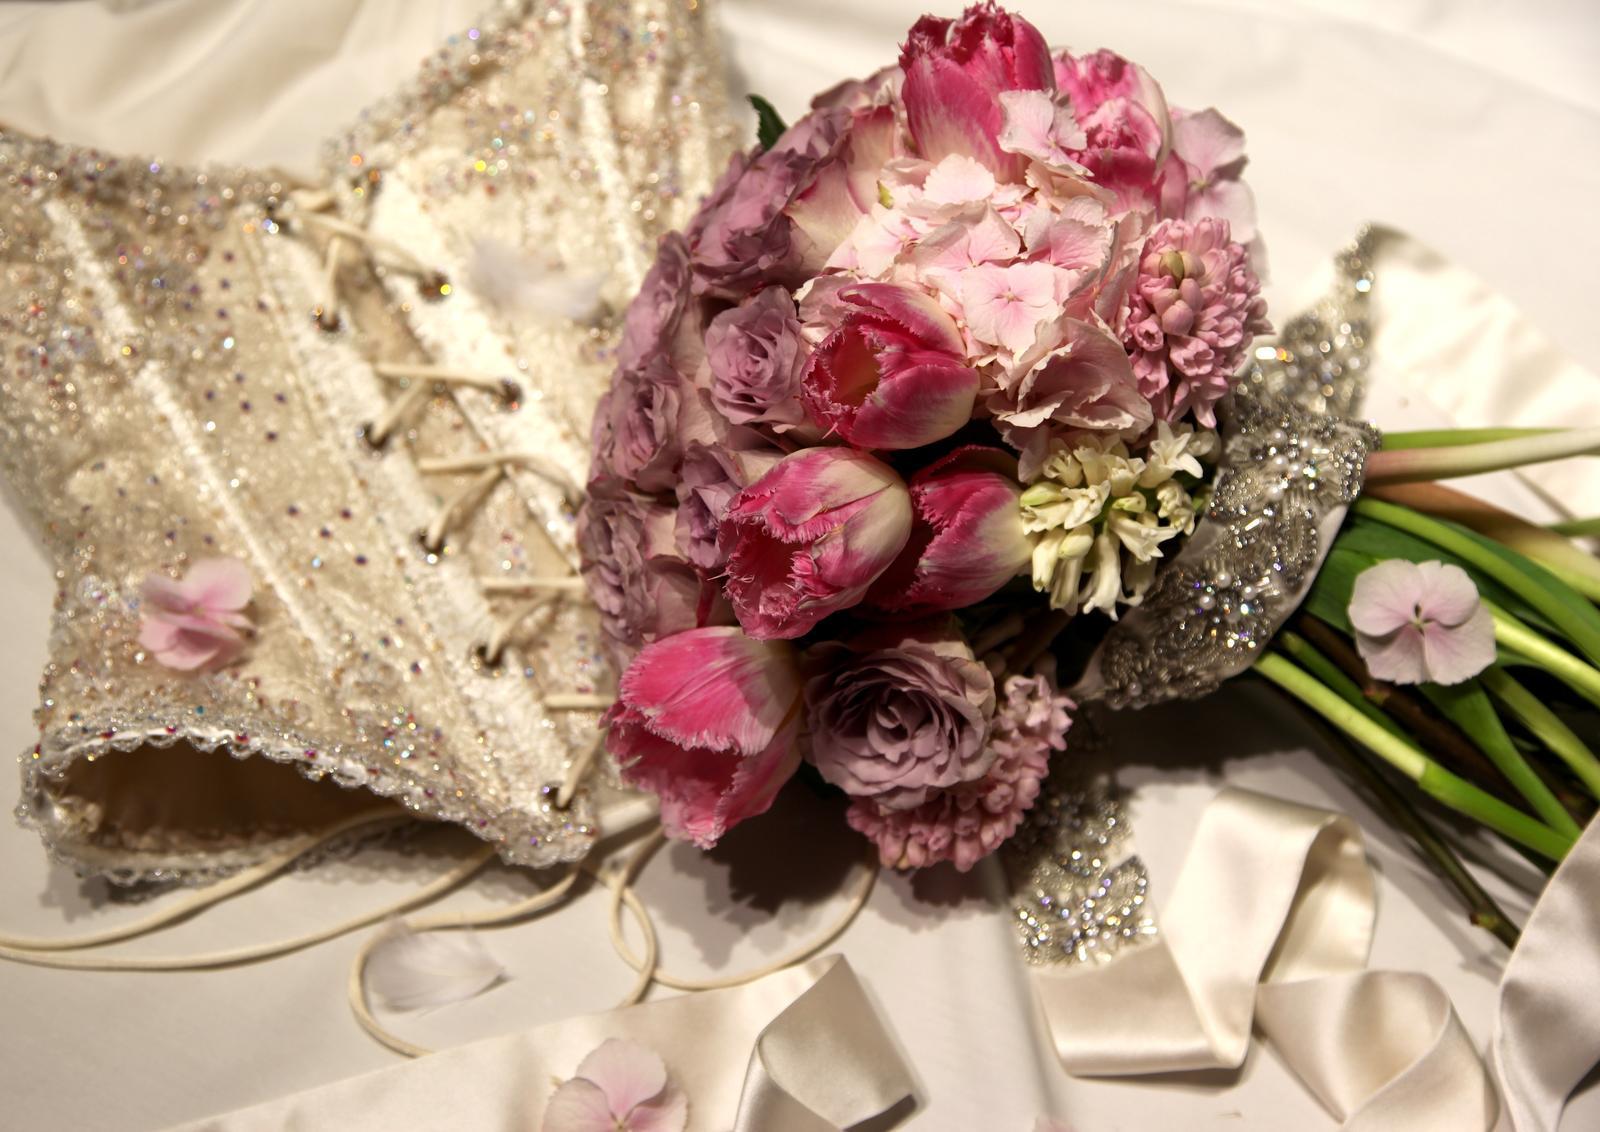 Nevestičky, zverte svoju kvetinovú... - Obrázok č. 4